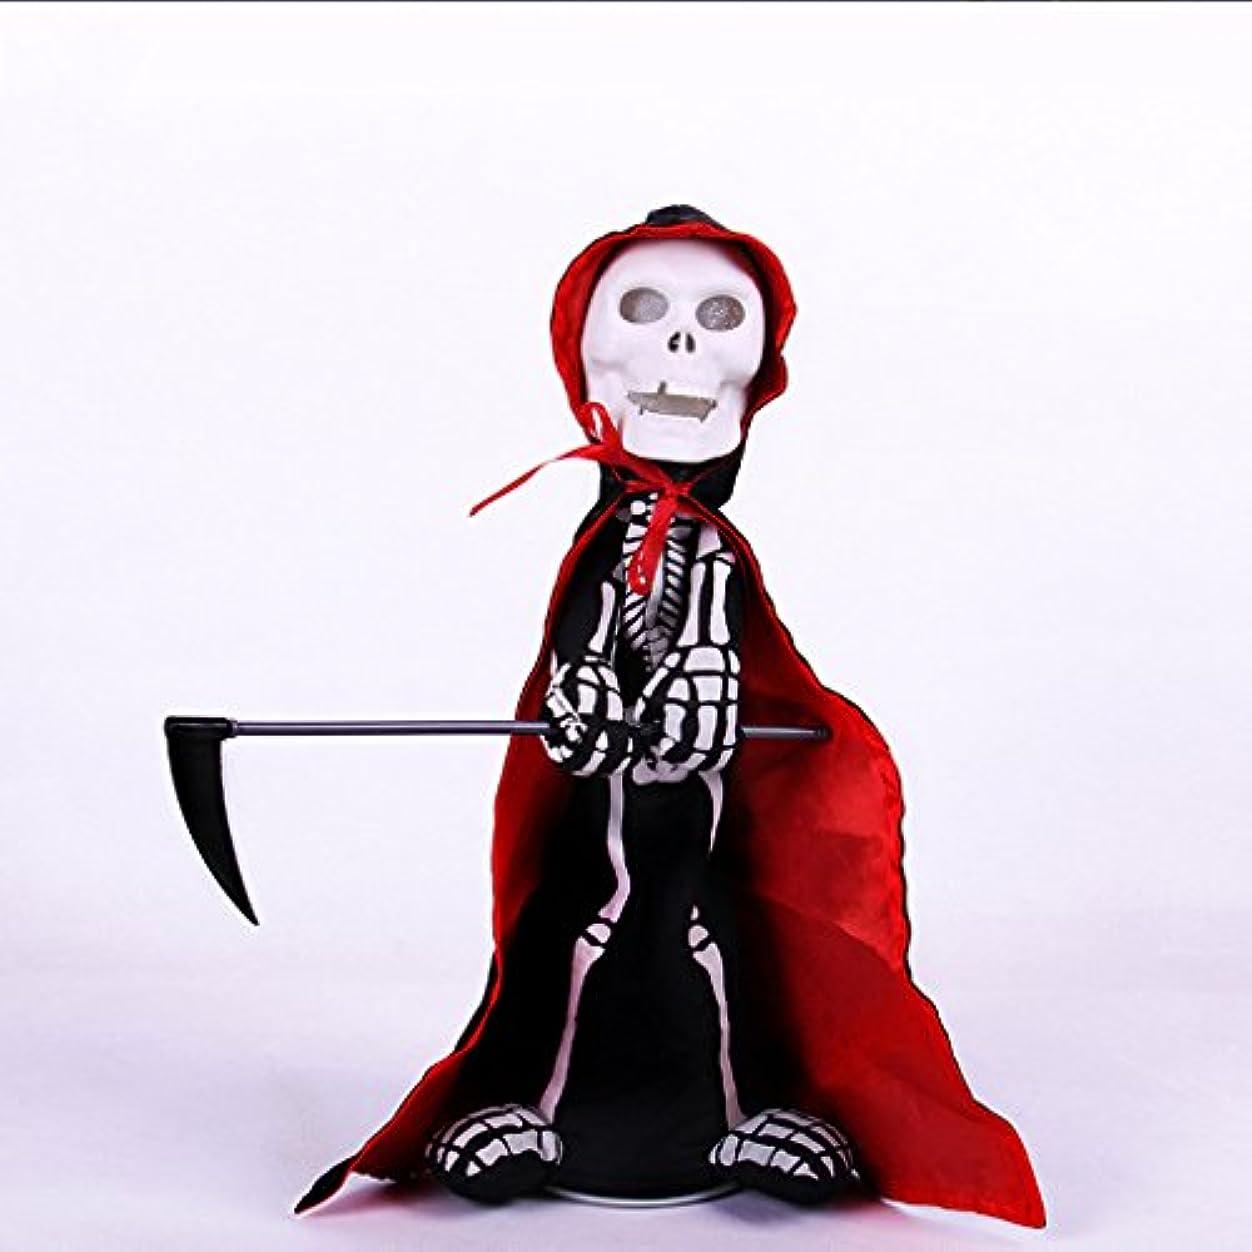 スティックリア王美的ハロウィン電気頭蓋骨整頓玩具クリエイティブギフトおかしい